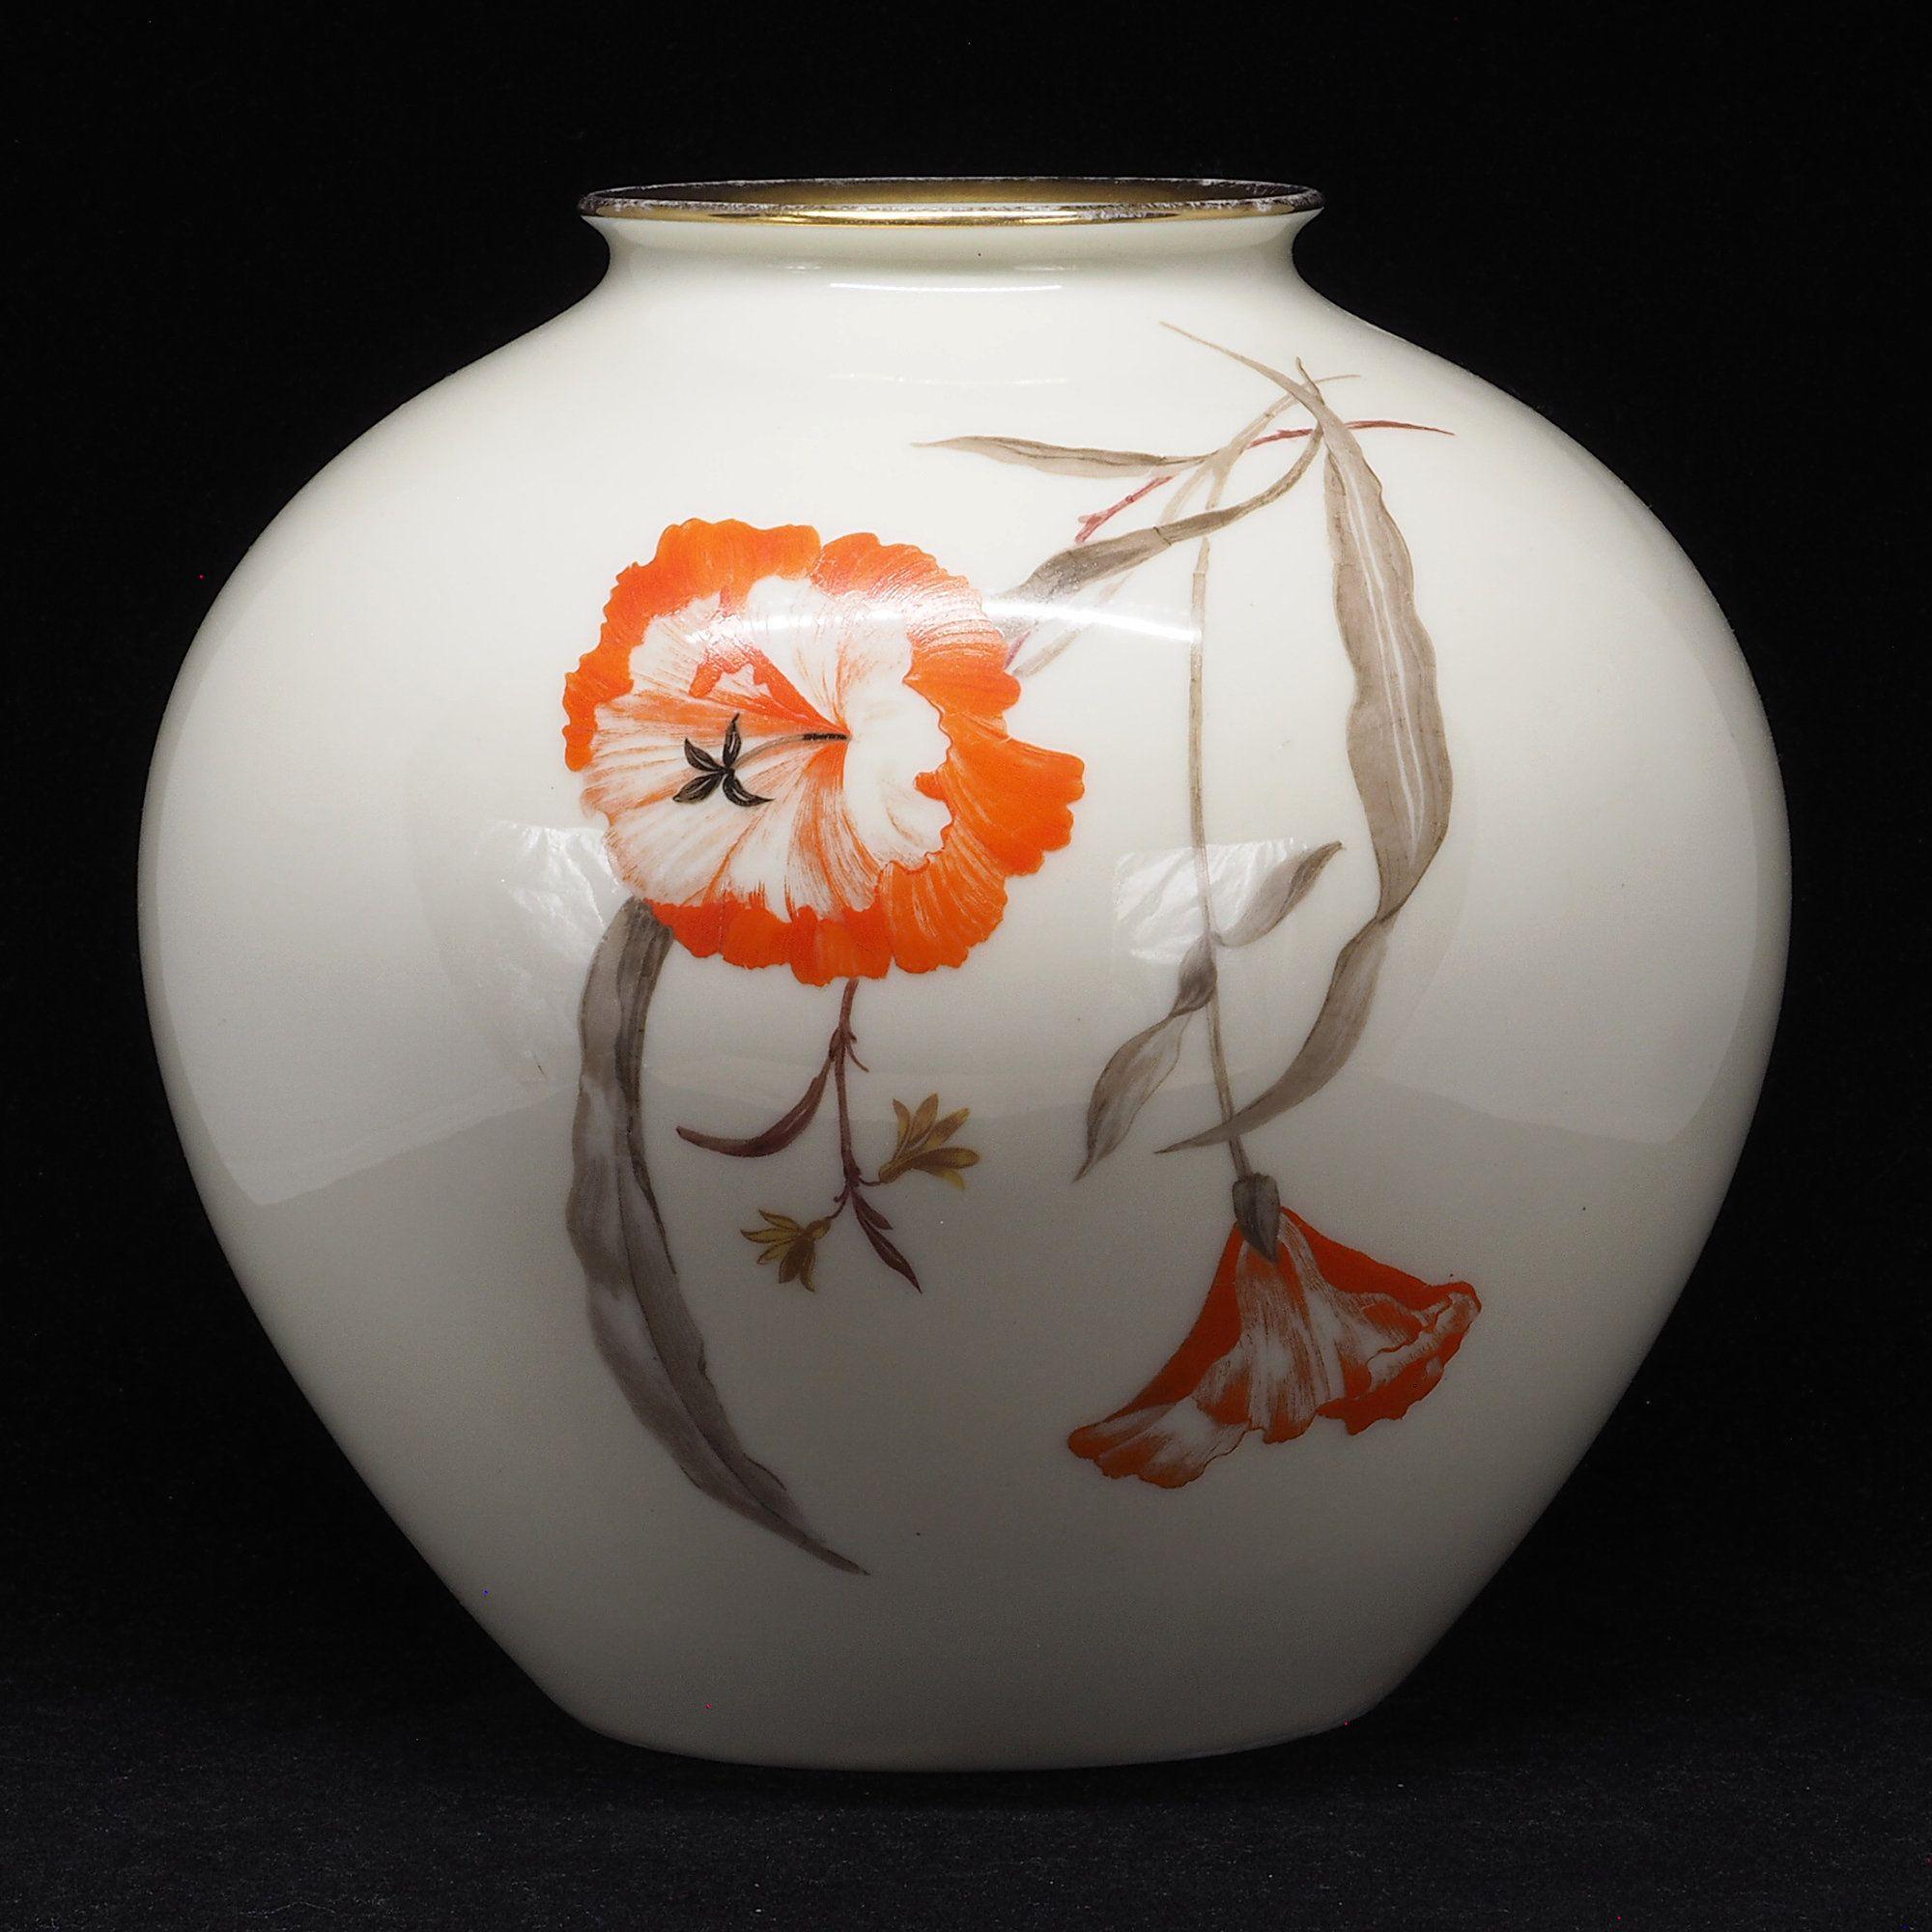 Haviland France Vase 1950s Deco style